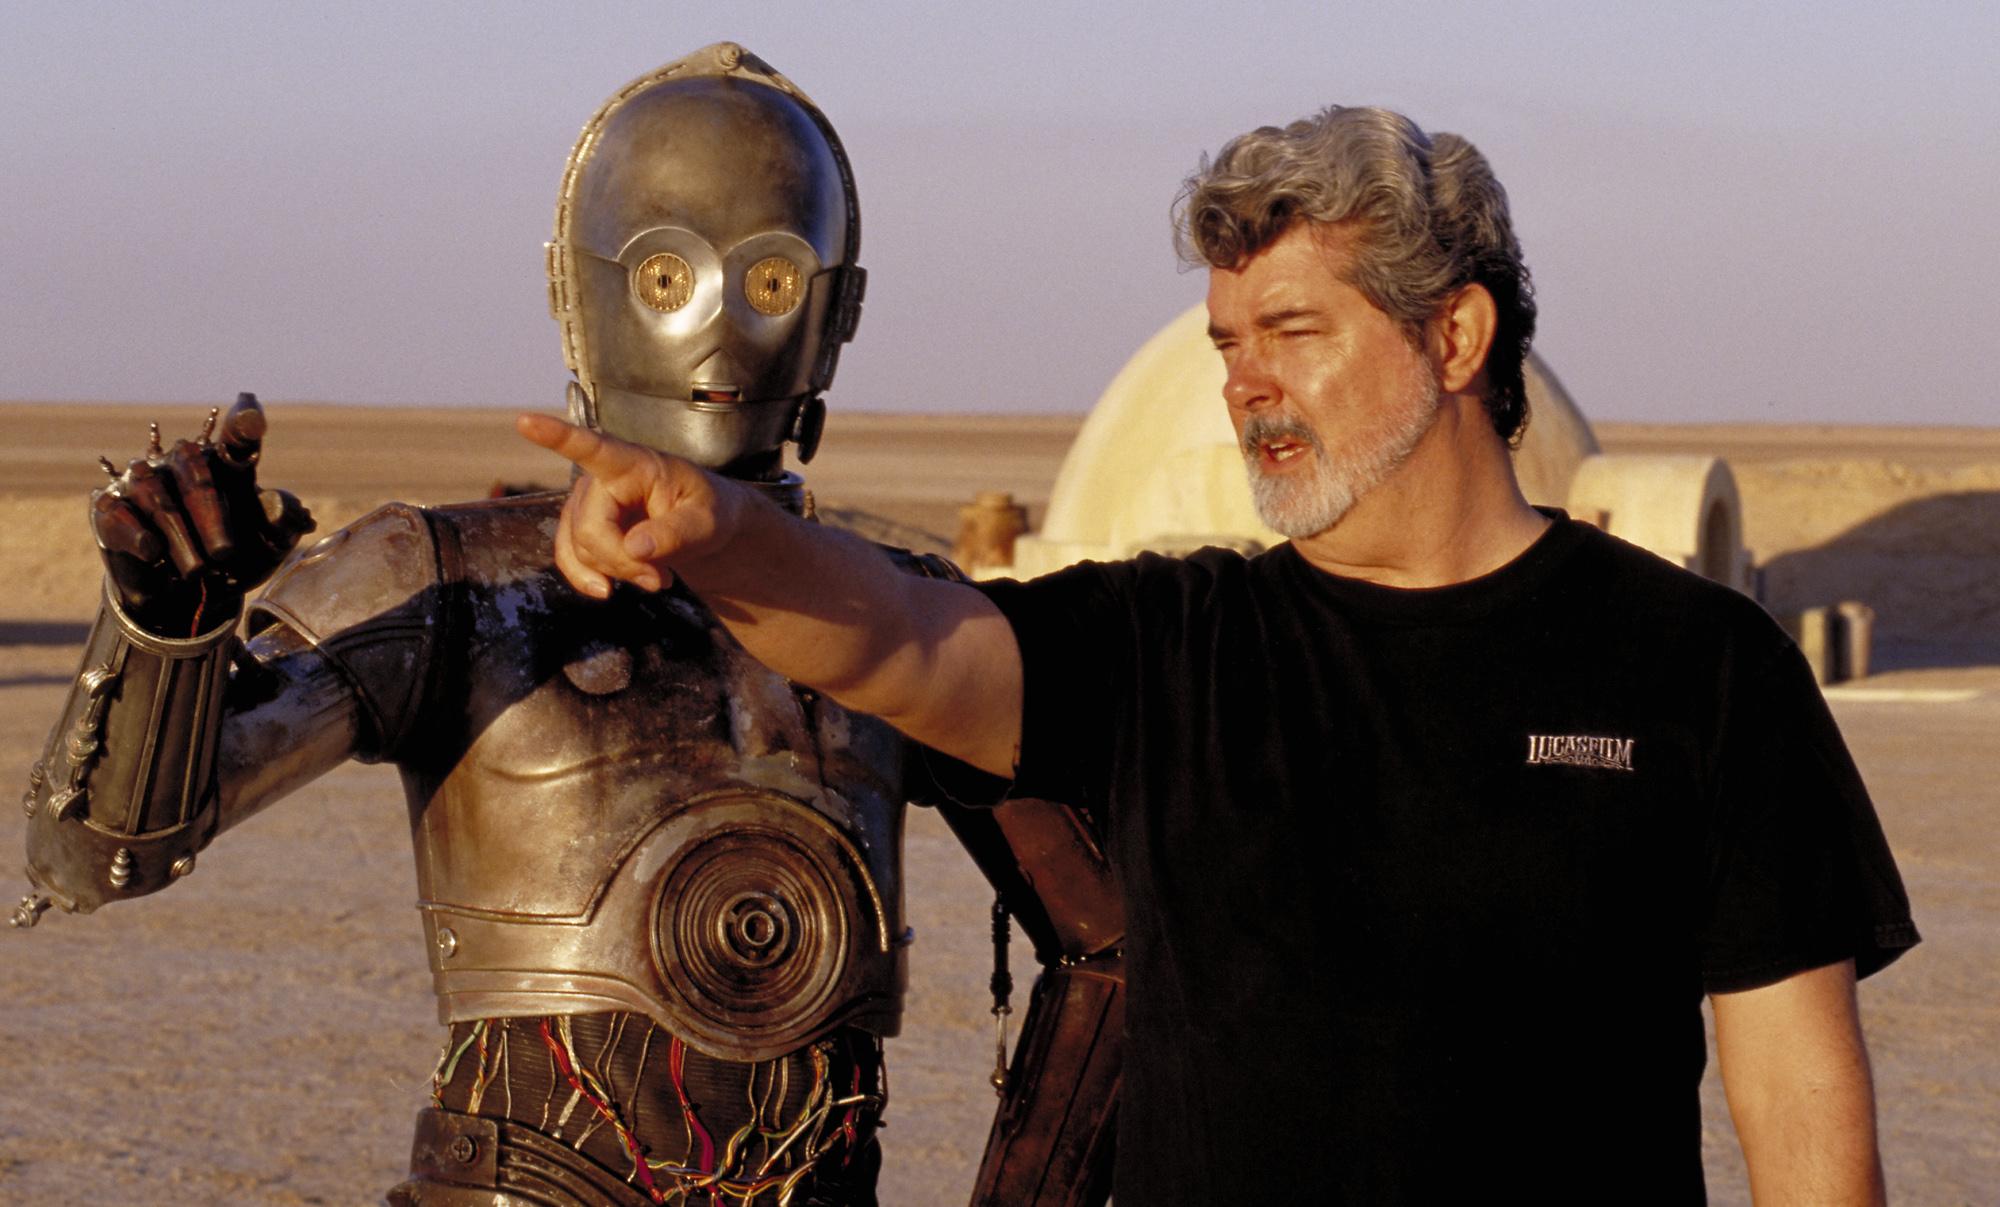 Джордж Лукас заглянул на съёмки сериала по «Звёздным войнам»